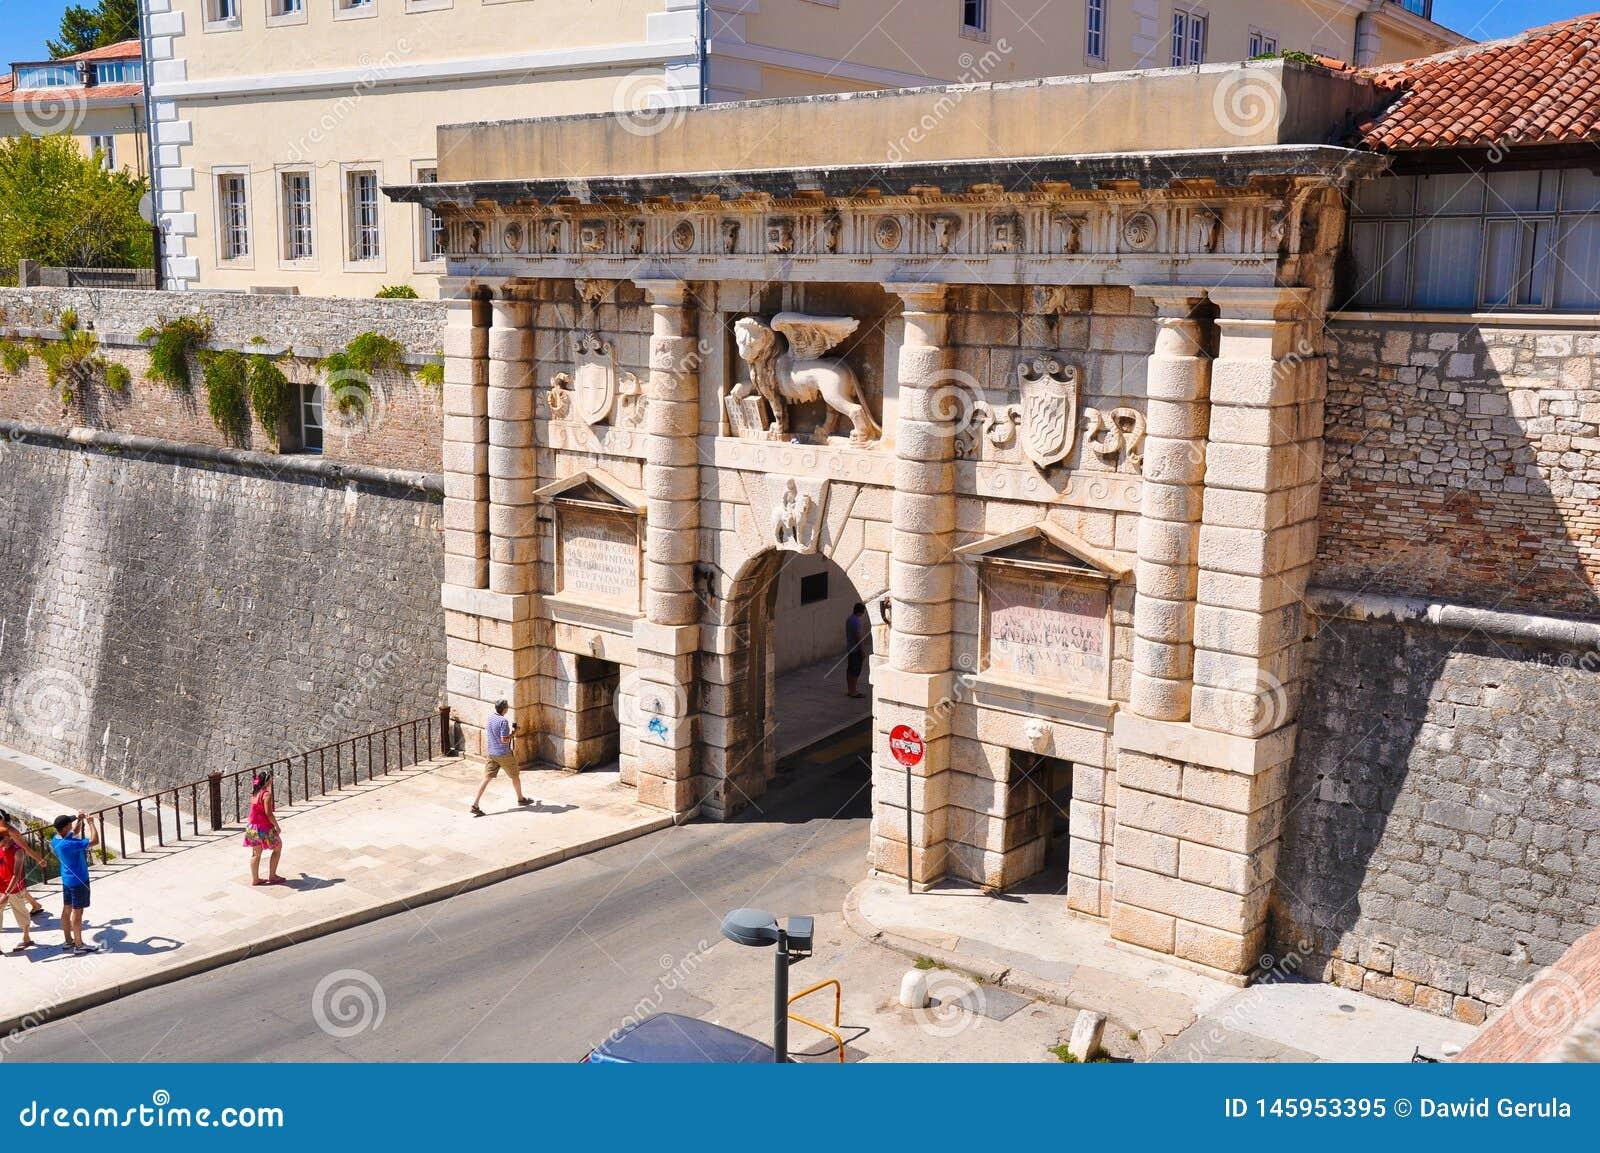 21 de agosto de 2012 Croacia, Zadar: La puerta en dirección a la tierra con el león de St Mark en Zadar